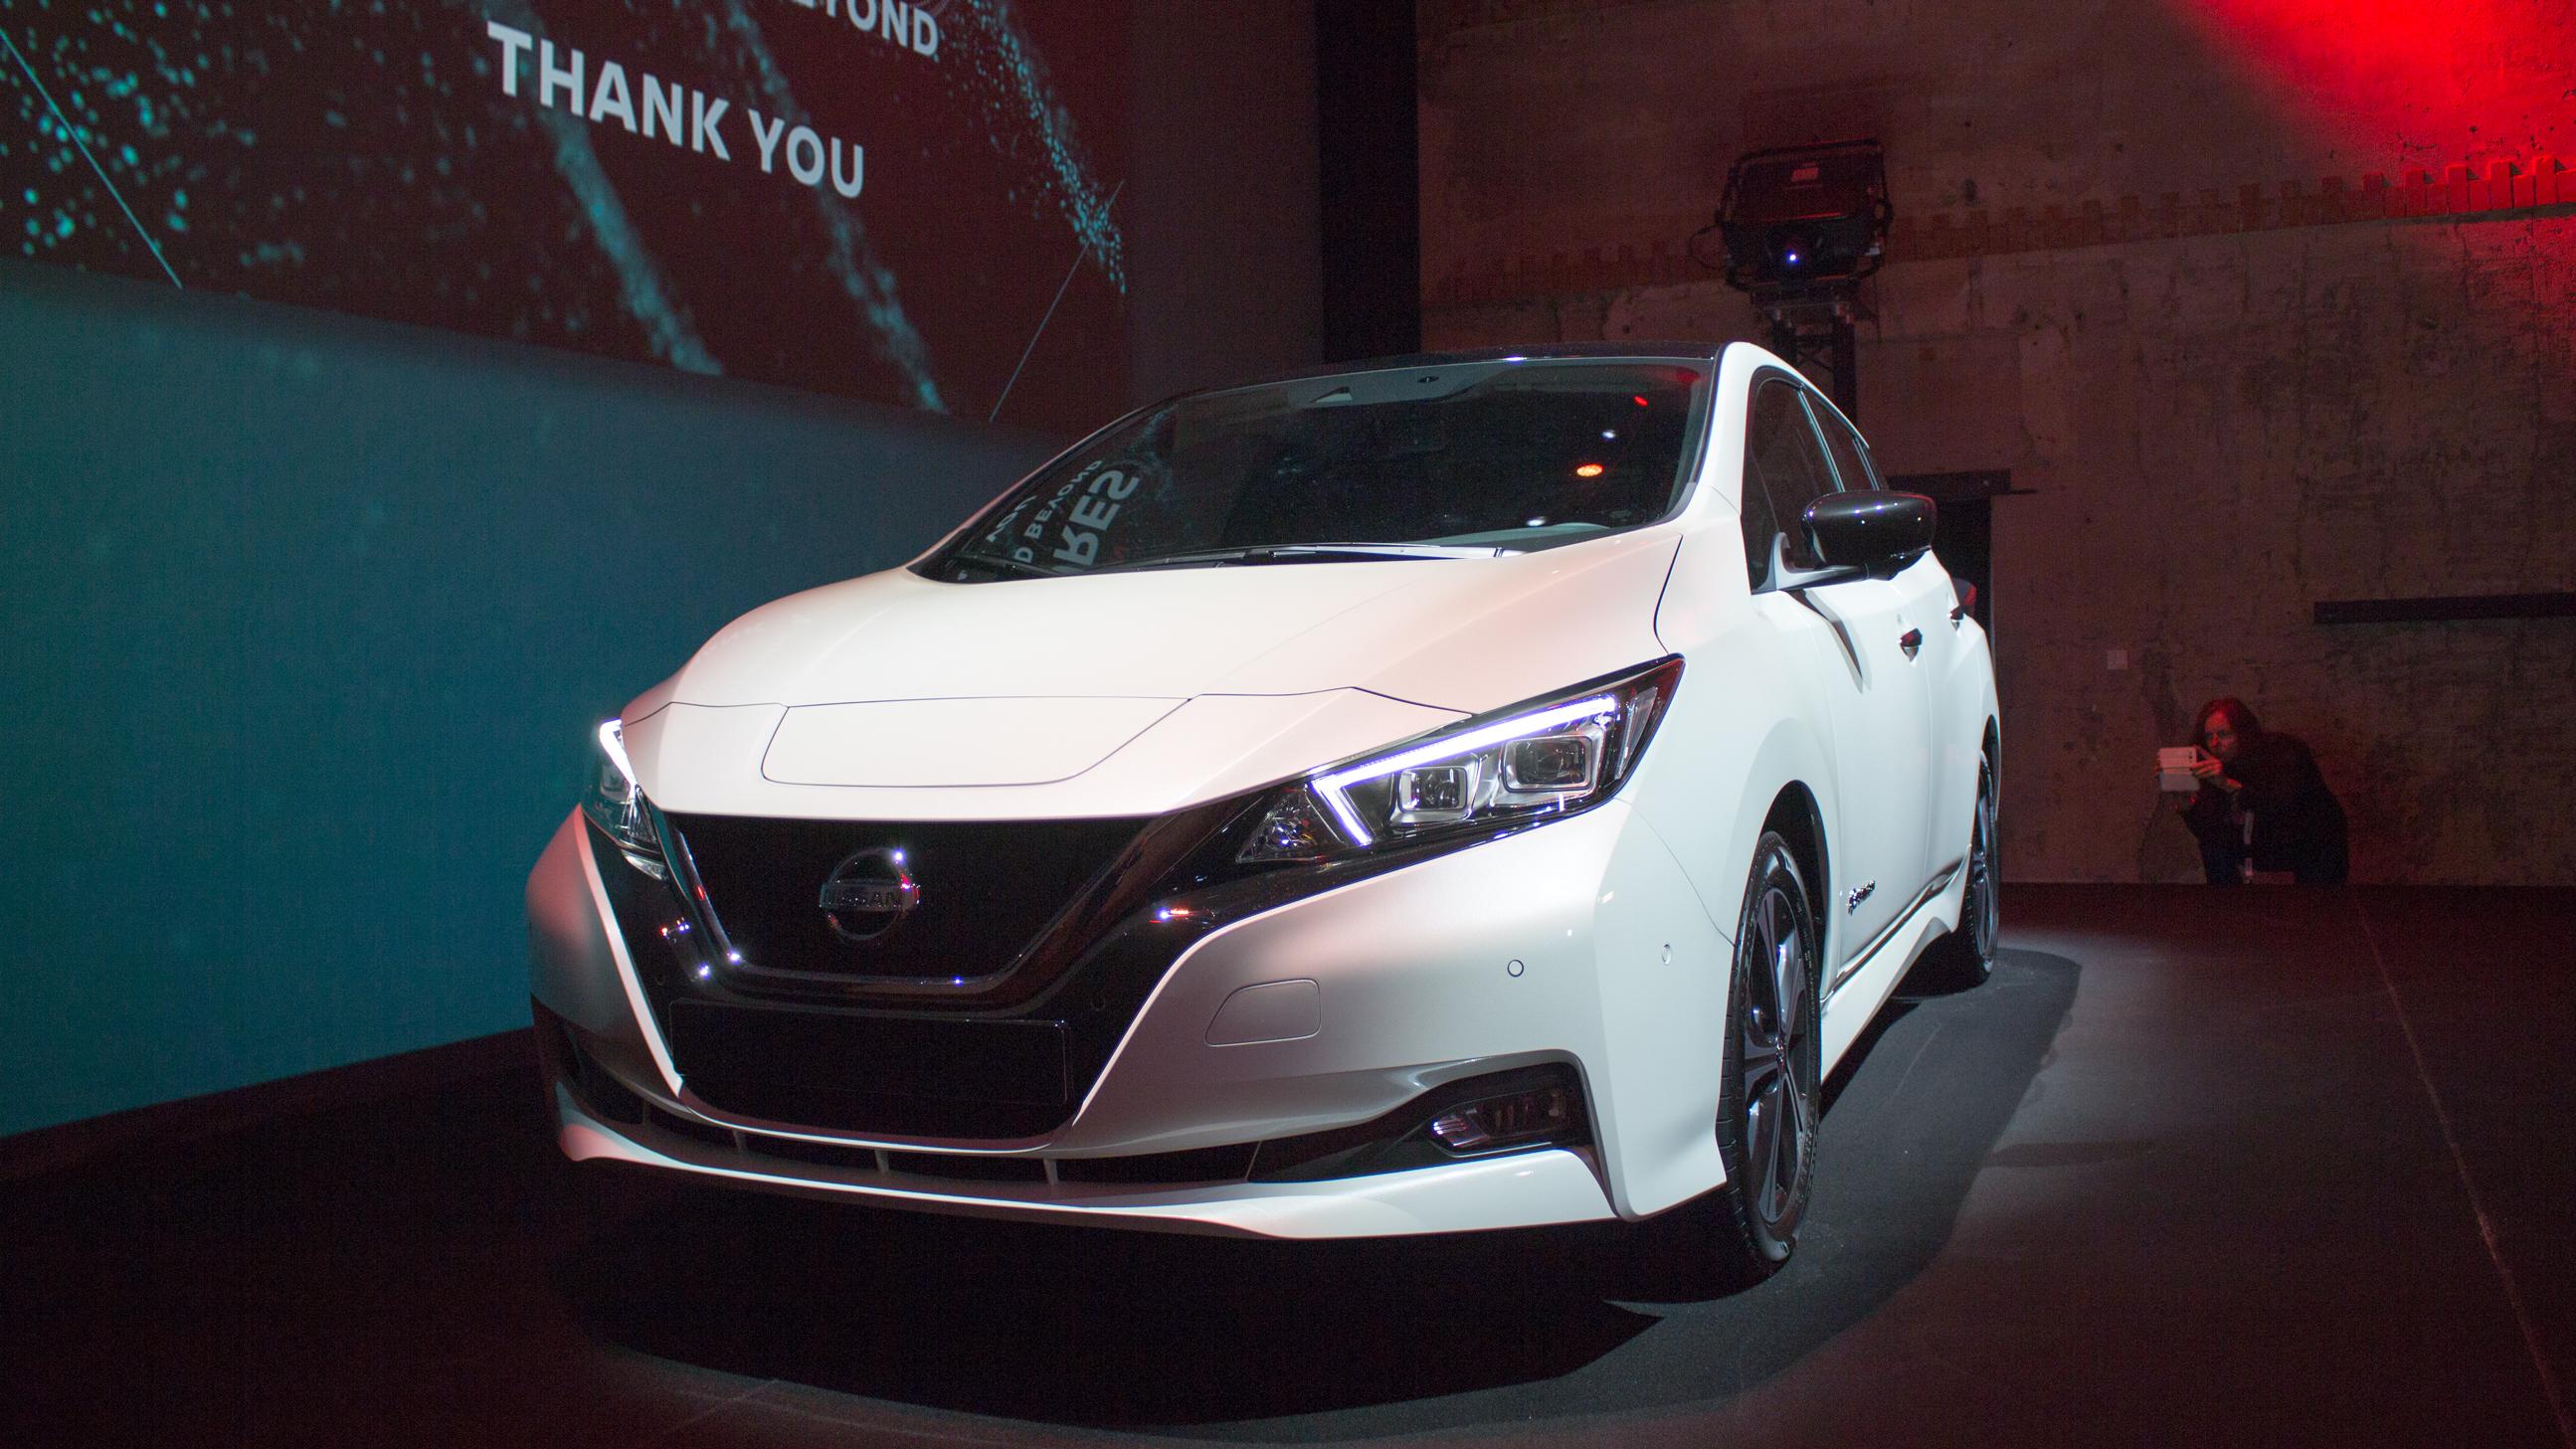 Nissan Leaf 40 kWh: Probesitzen und erster Eindruck